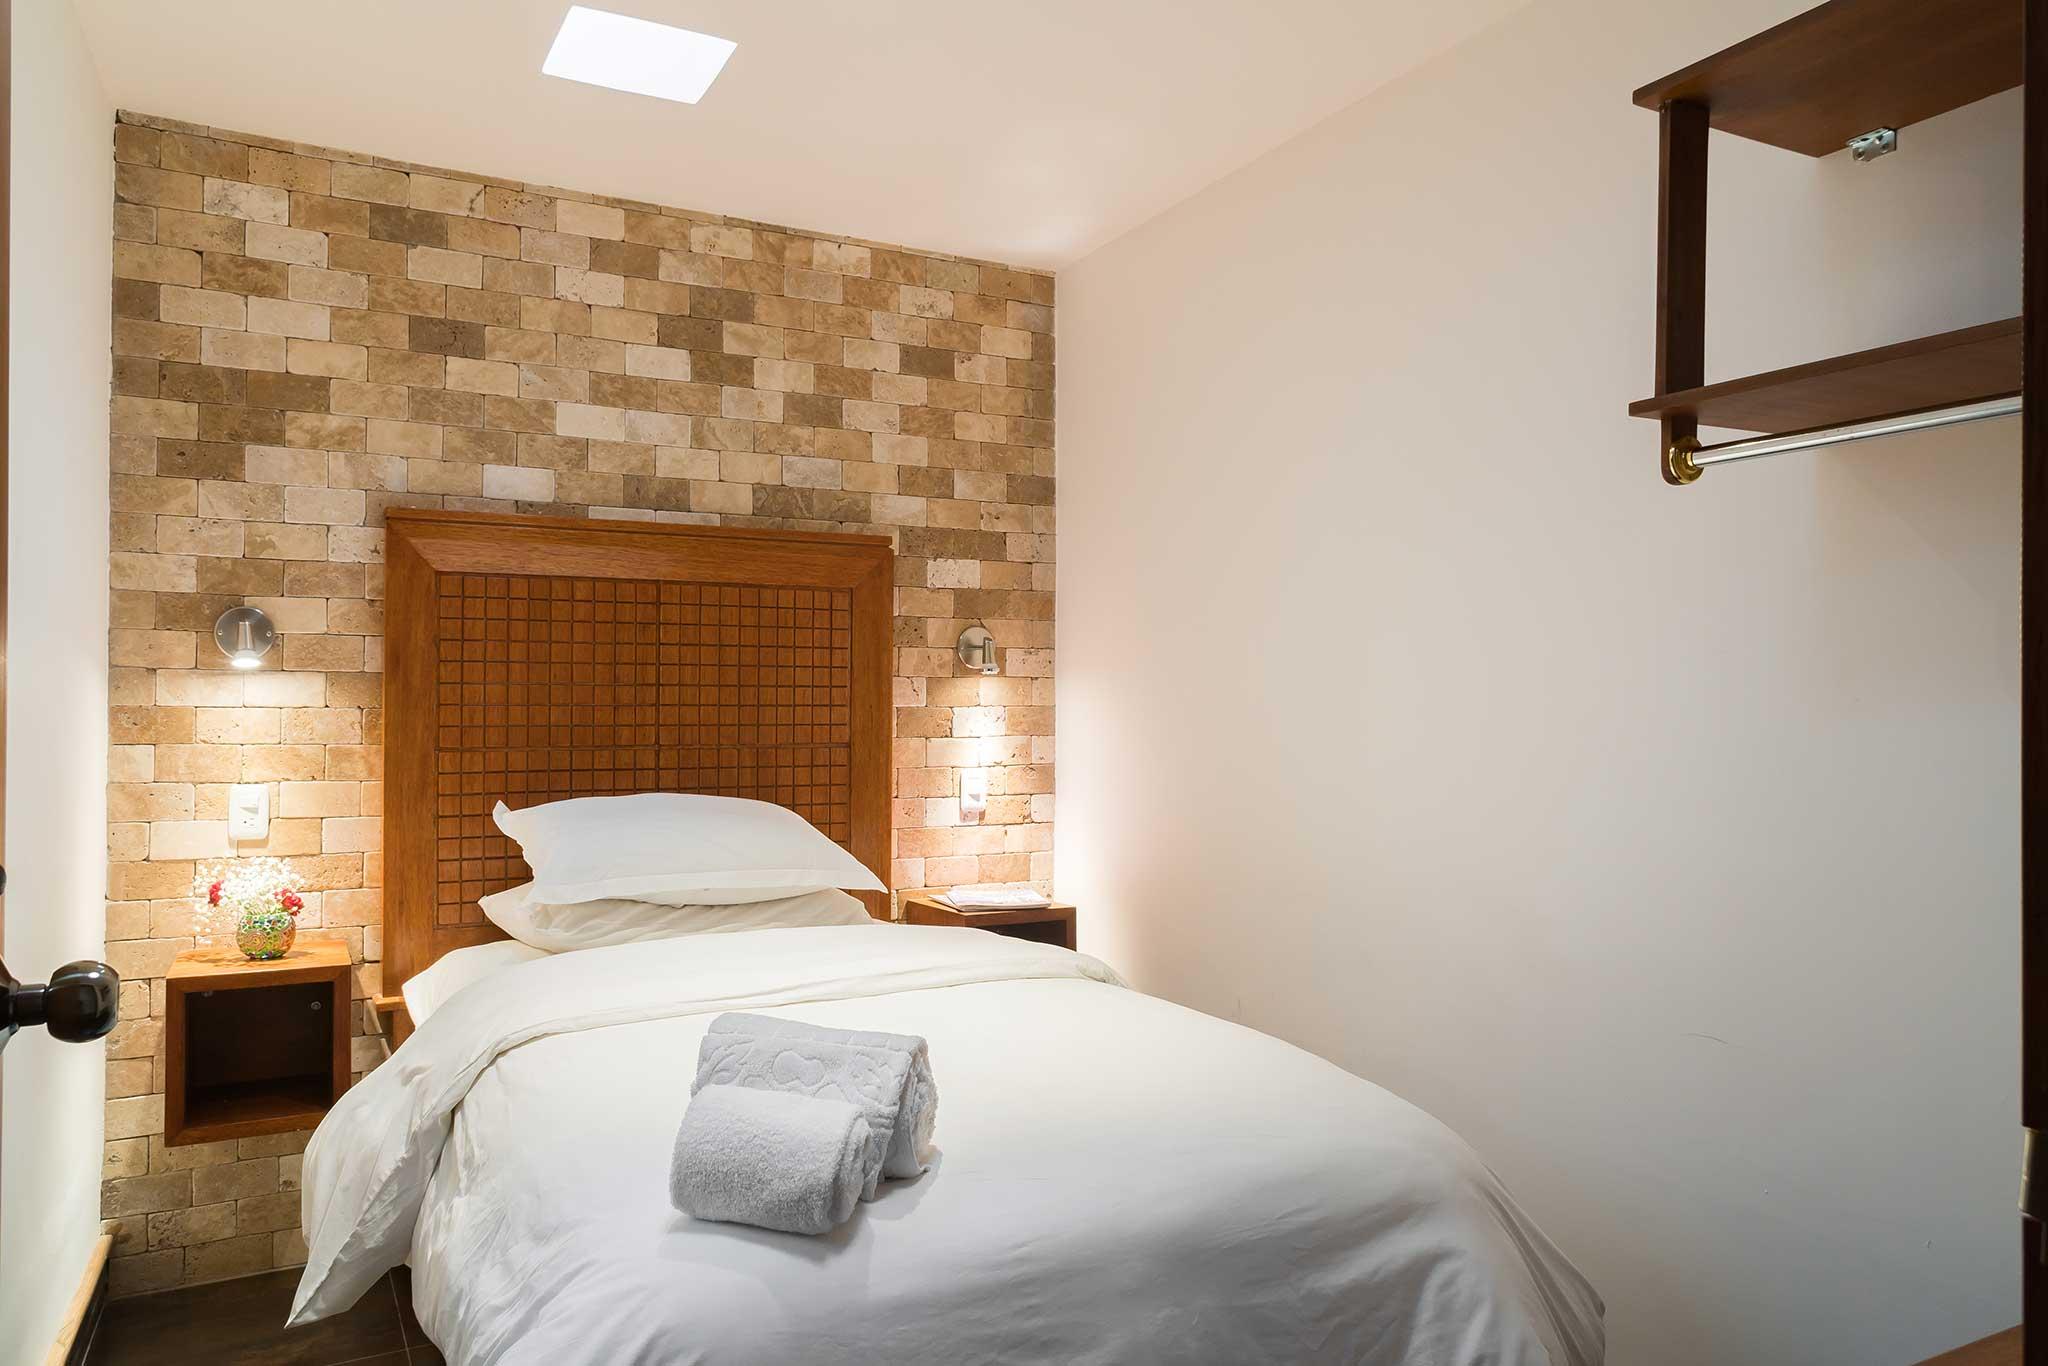 Hab. 3 - Piso 2   - 1 cama de 1 plaza y media (1,05 x 2m) Baño privado fuera de la habitaciónSala, comedor y cocina compartidos1 persona: $48